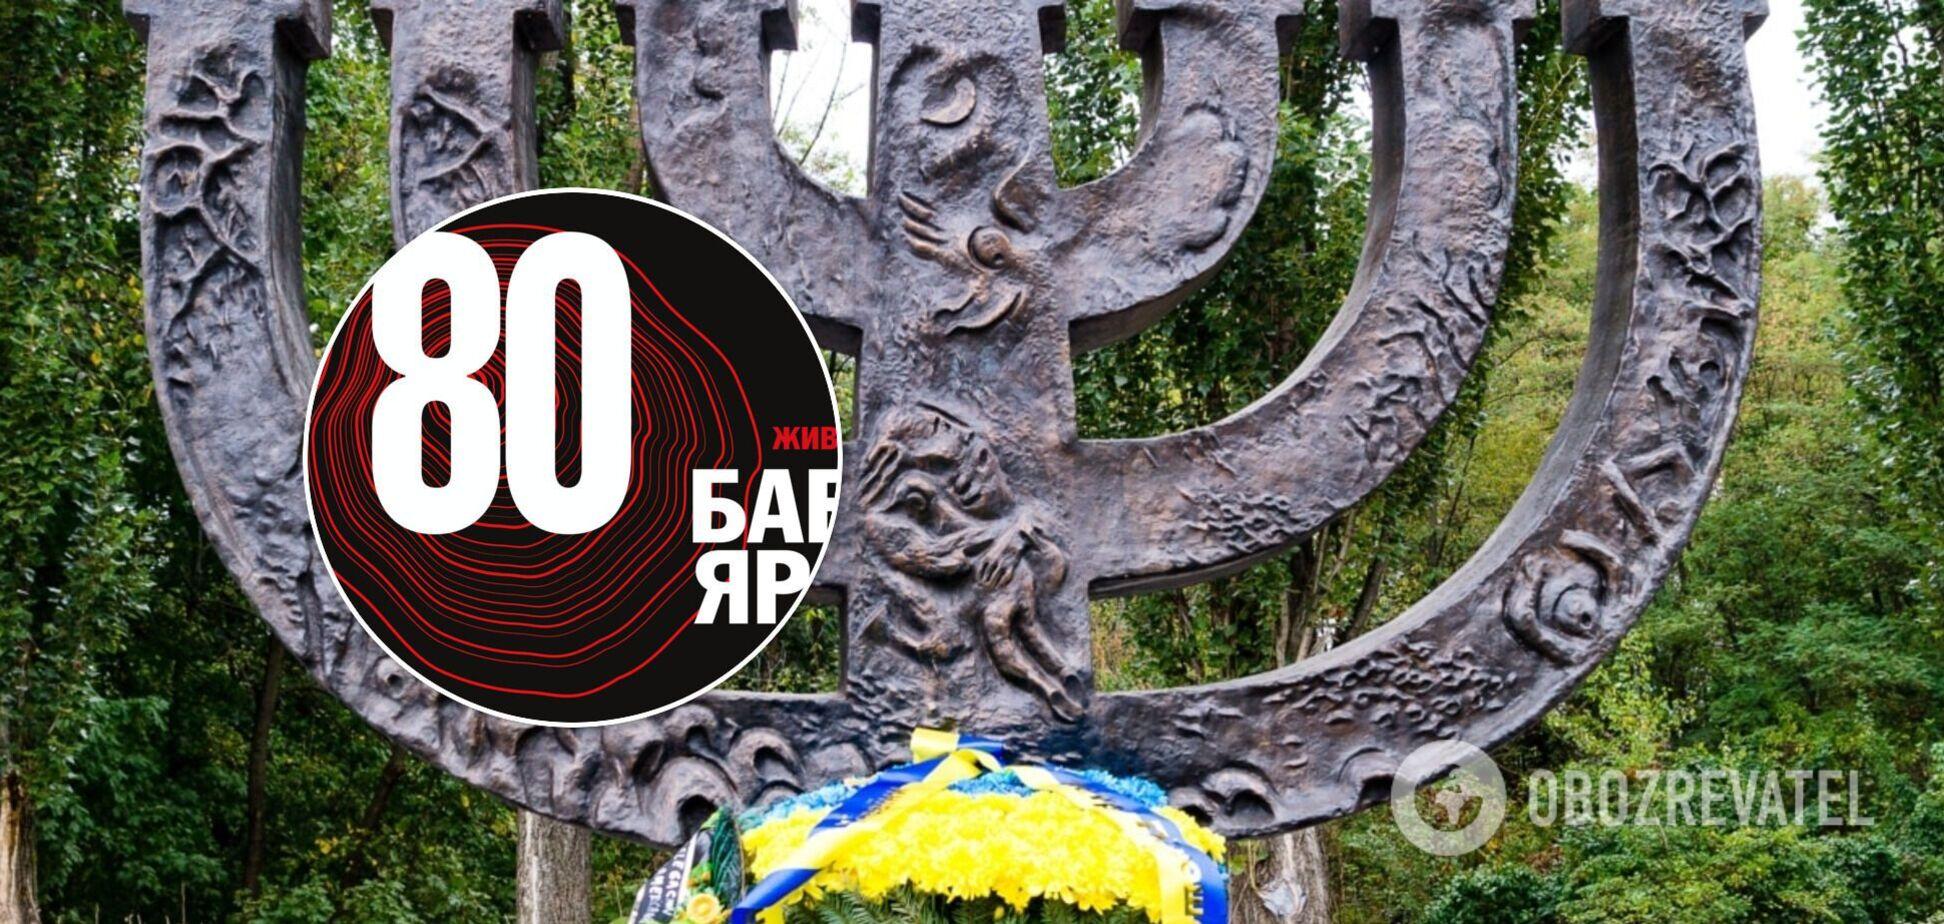 У Бабиному Яру проведуть церемонію вшанування пам'яті до 80-роковин трагедії: що ще у програмі